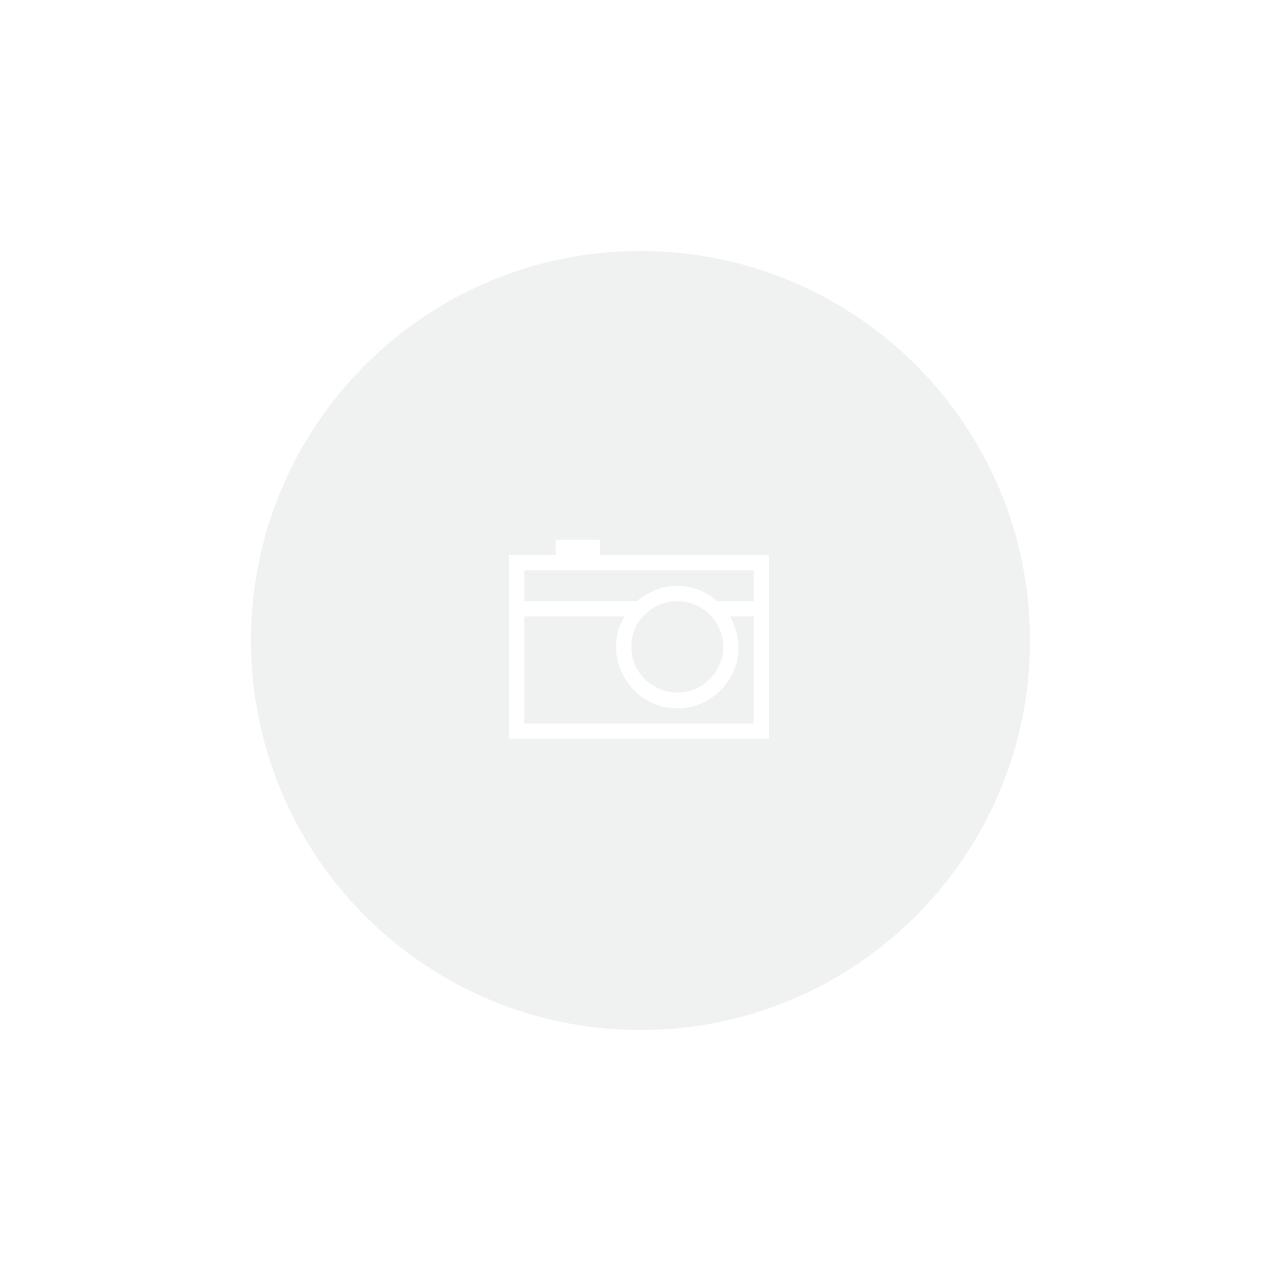 Blusa Tricô Listras Relevo | Bv1009